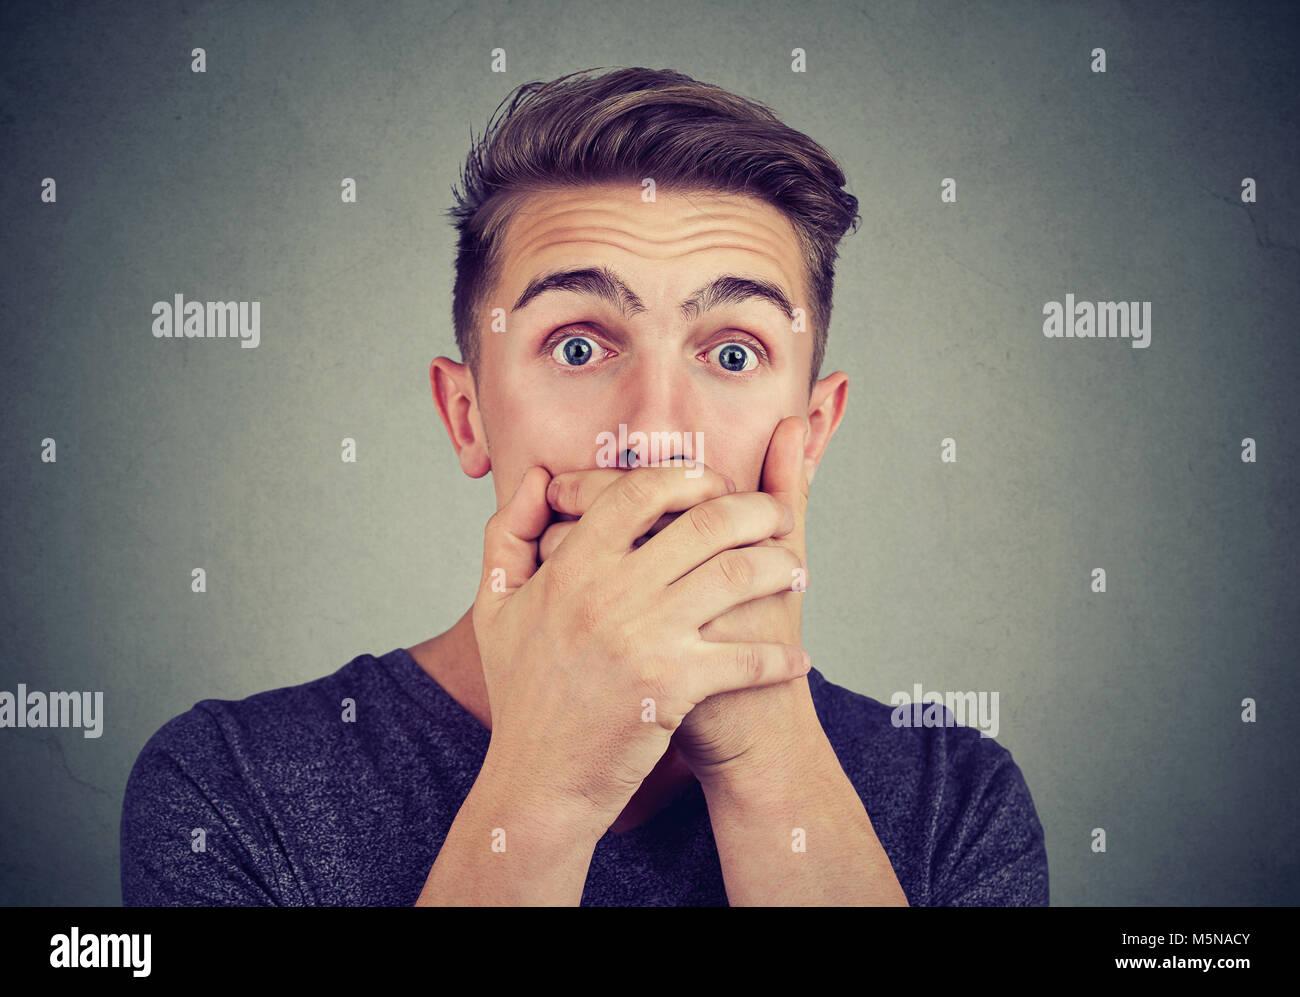 Portrait einer jungen ängstlichen Mann mit schockiert Angst Gesichtsausdruck an Kamera suchen Stockbild